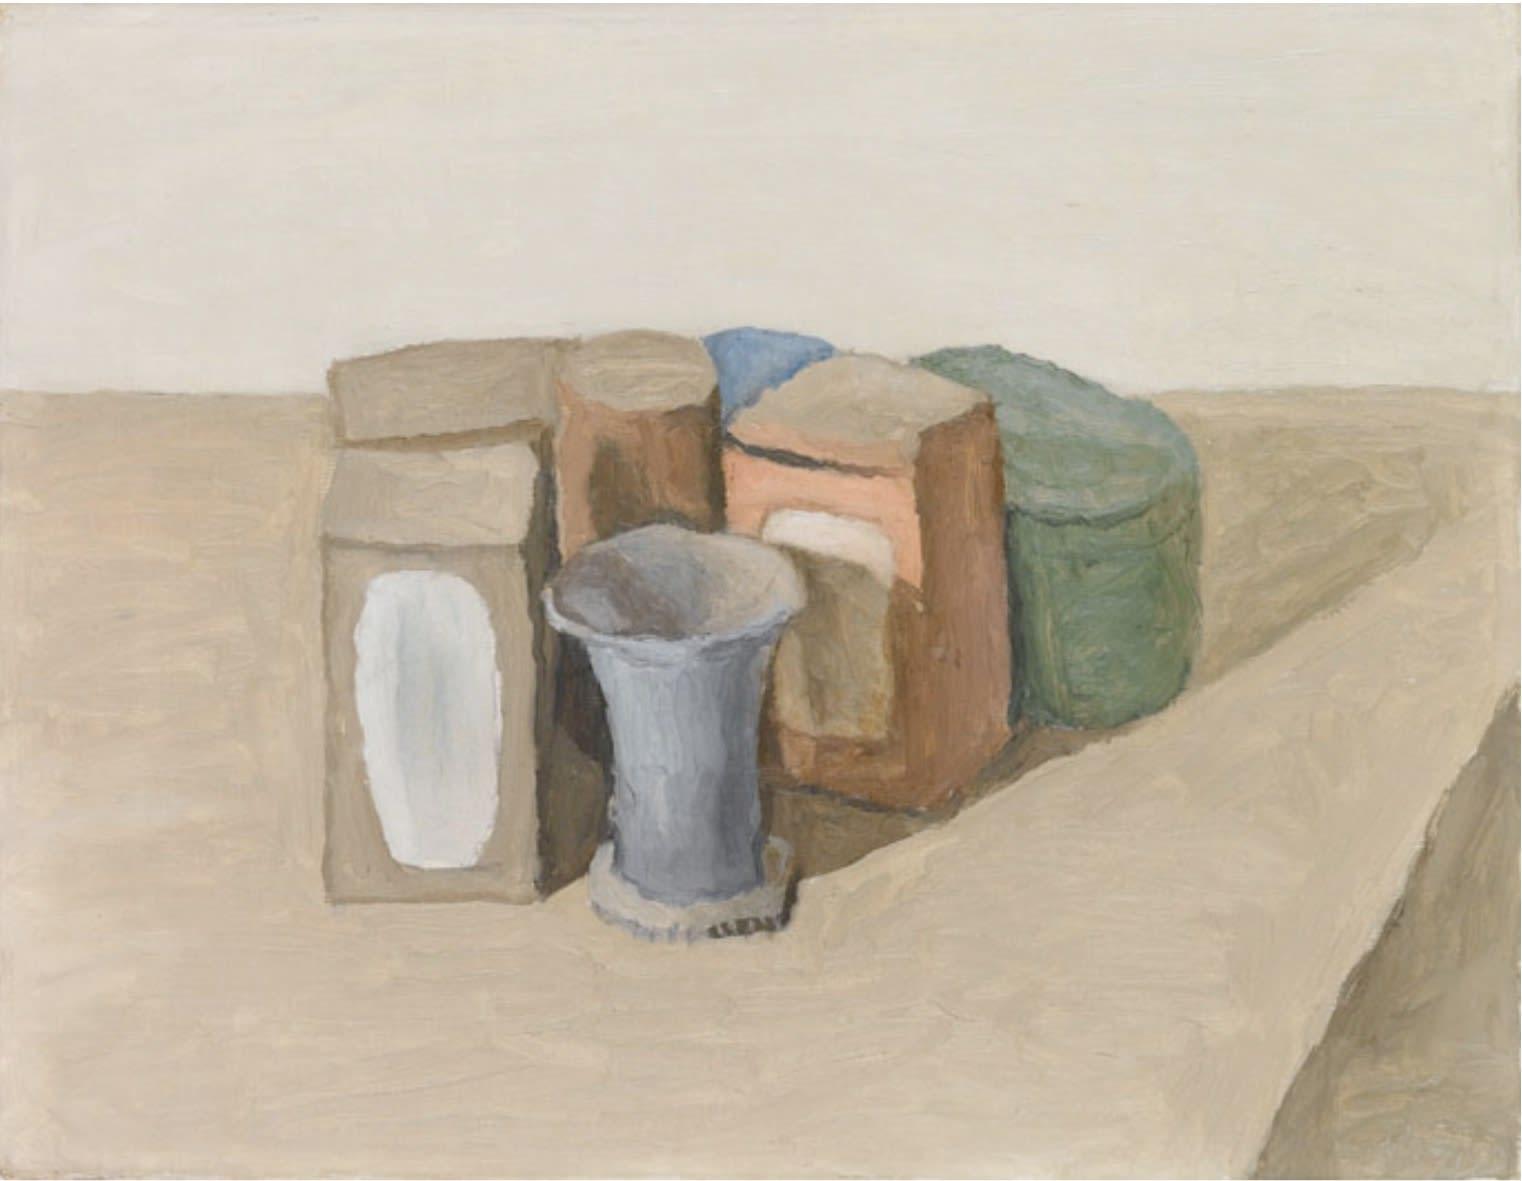 Giorgio MORANDI (1890 – 1964) Natura Morta, 1952 Oil on canvas 14 x 17 7/8 inches / 35.5 x 45.4 cm Signed lower right Morandi